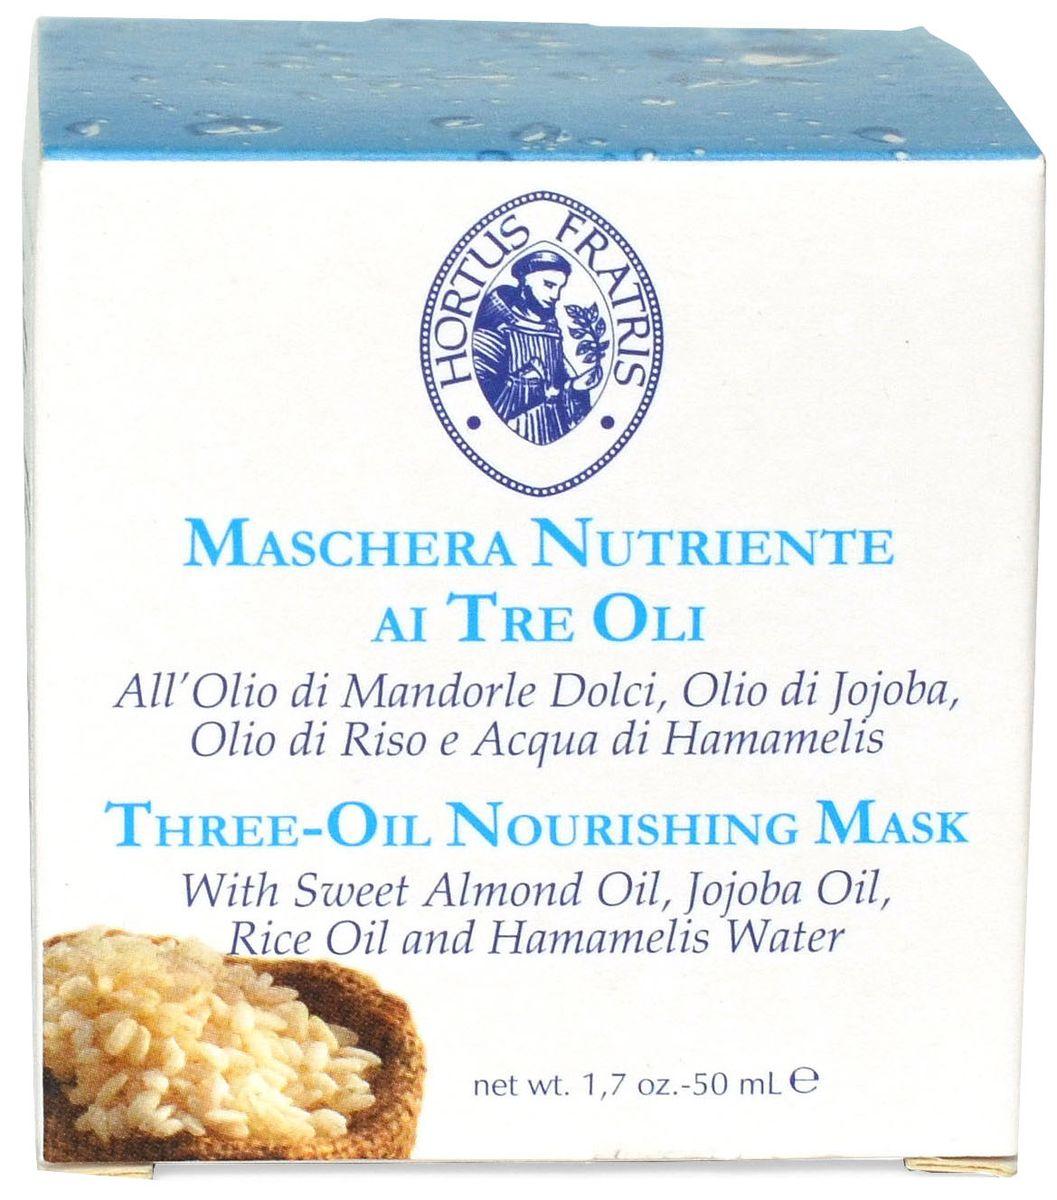 Hortus Fratris питательная маска с тремя маслами масло миндаля сладкого, масло жожоба, рисовое масло и вода гамамелиса, 50 мл963078Маска с тремя маслами интенсивно увлажняет и придает упругость коже благодаря действию масла Миндаля сладкого в сочетании смаслом Жожоба. Hortus Fratris использует полезные свойства масла риса витаминизирует кожу лица и замедляет признаки ее старения, кожа становится свежей и здоровой. Нежная и эффективная маска успокаивает и делает упругой кожу лица, снимает следы усталости, с первого применения лицо приобретает удивительное сияние и тонус.